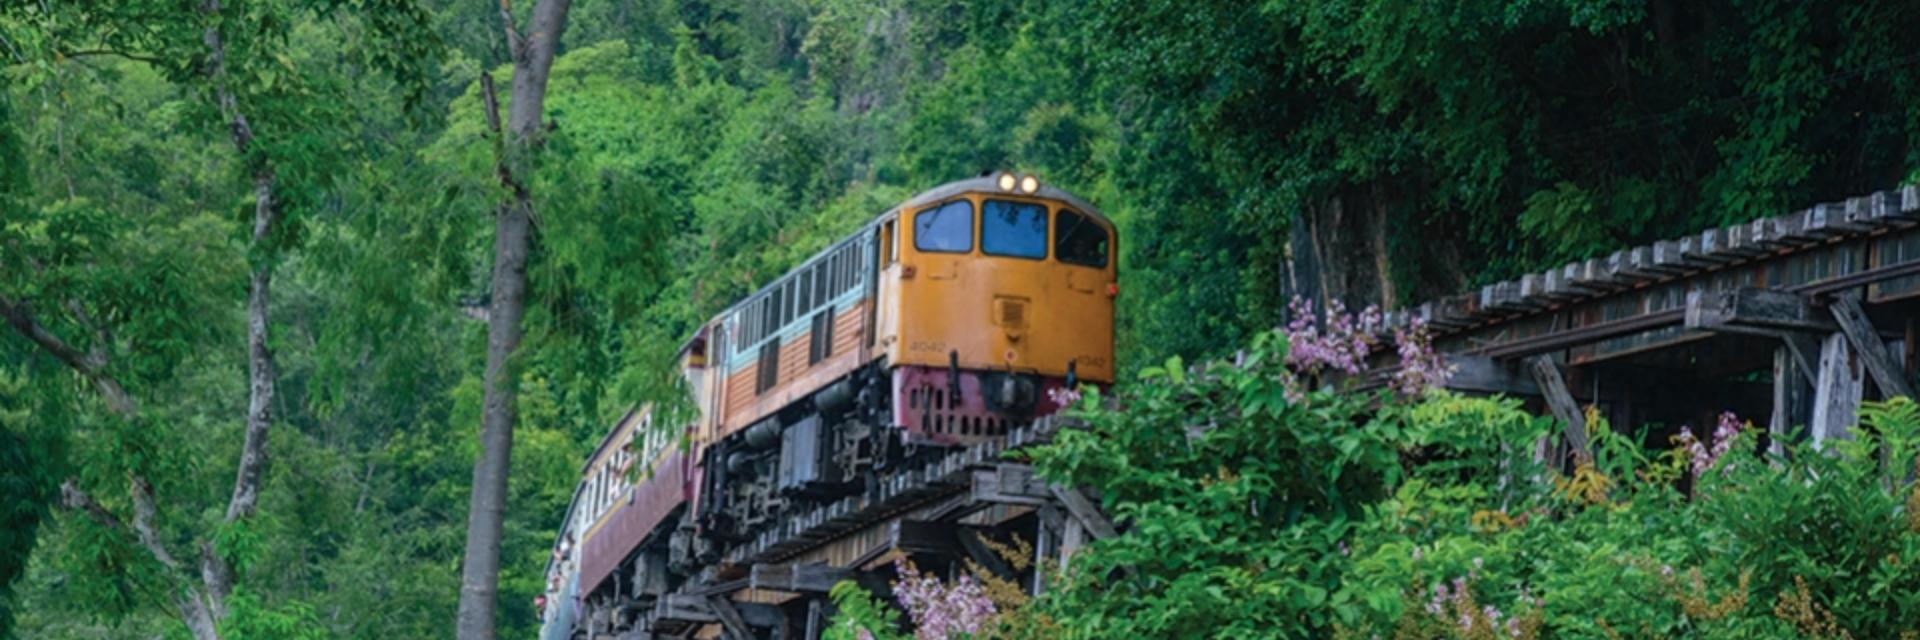 นั่งรถไฟสายน้ำตก ไปเที่ยวกาญจนบุรี